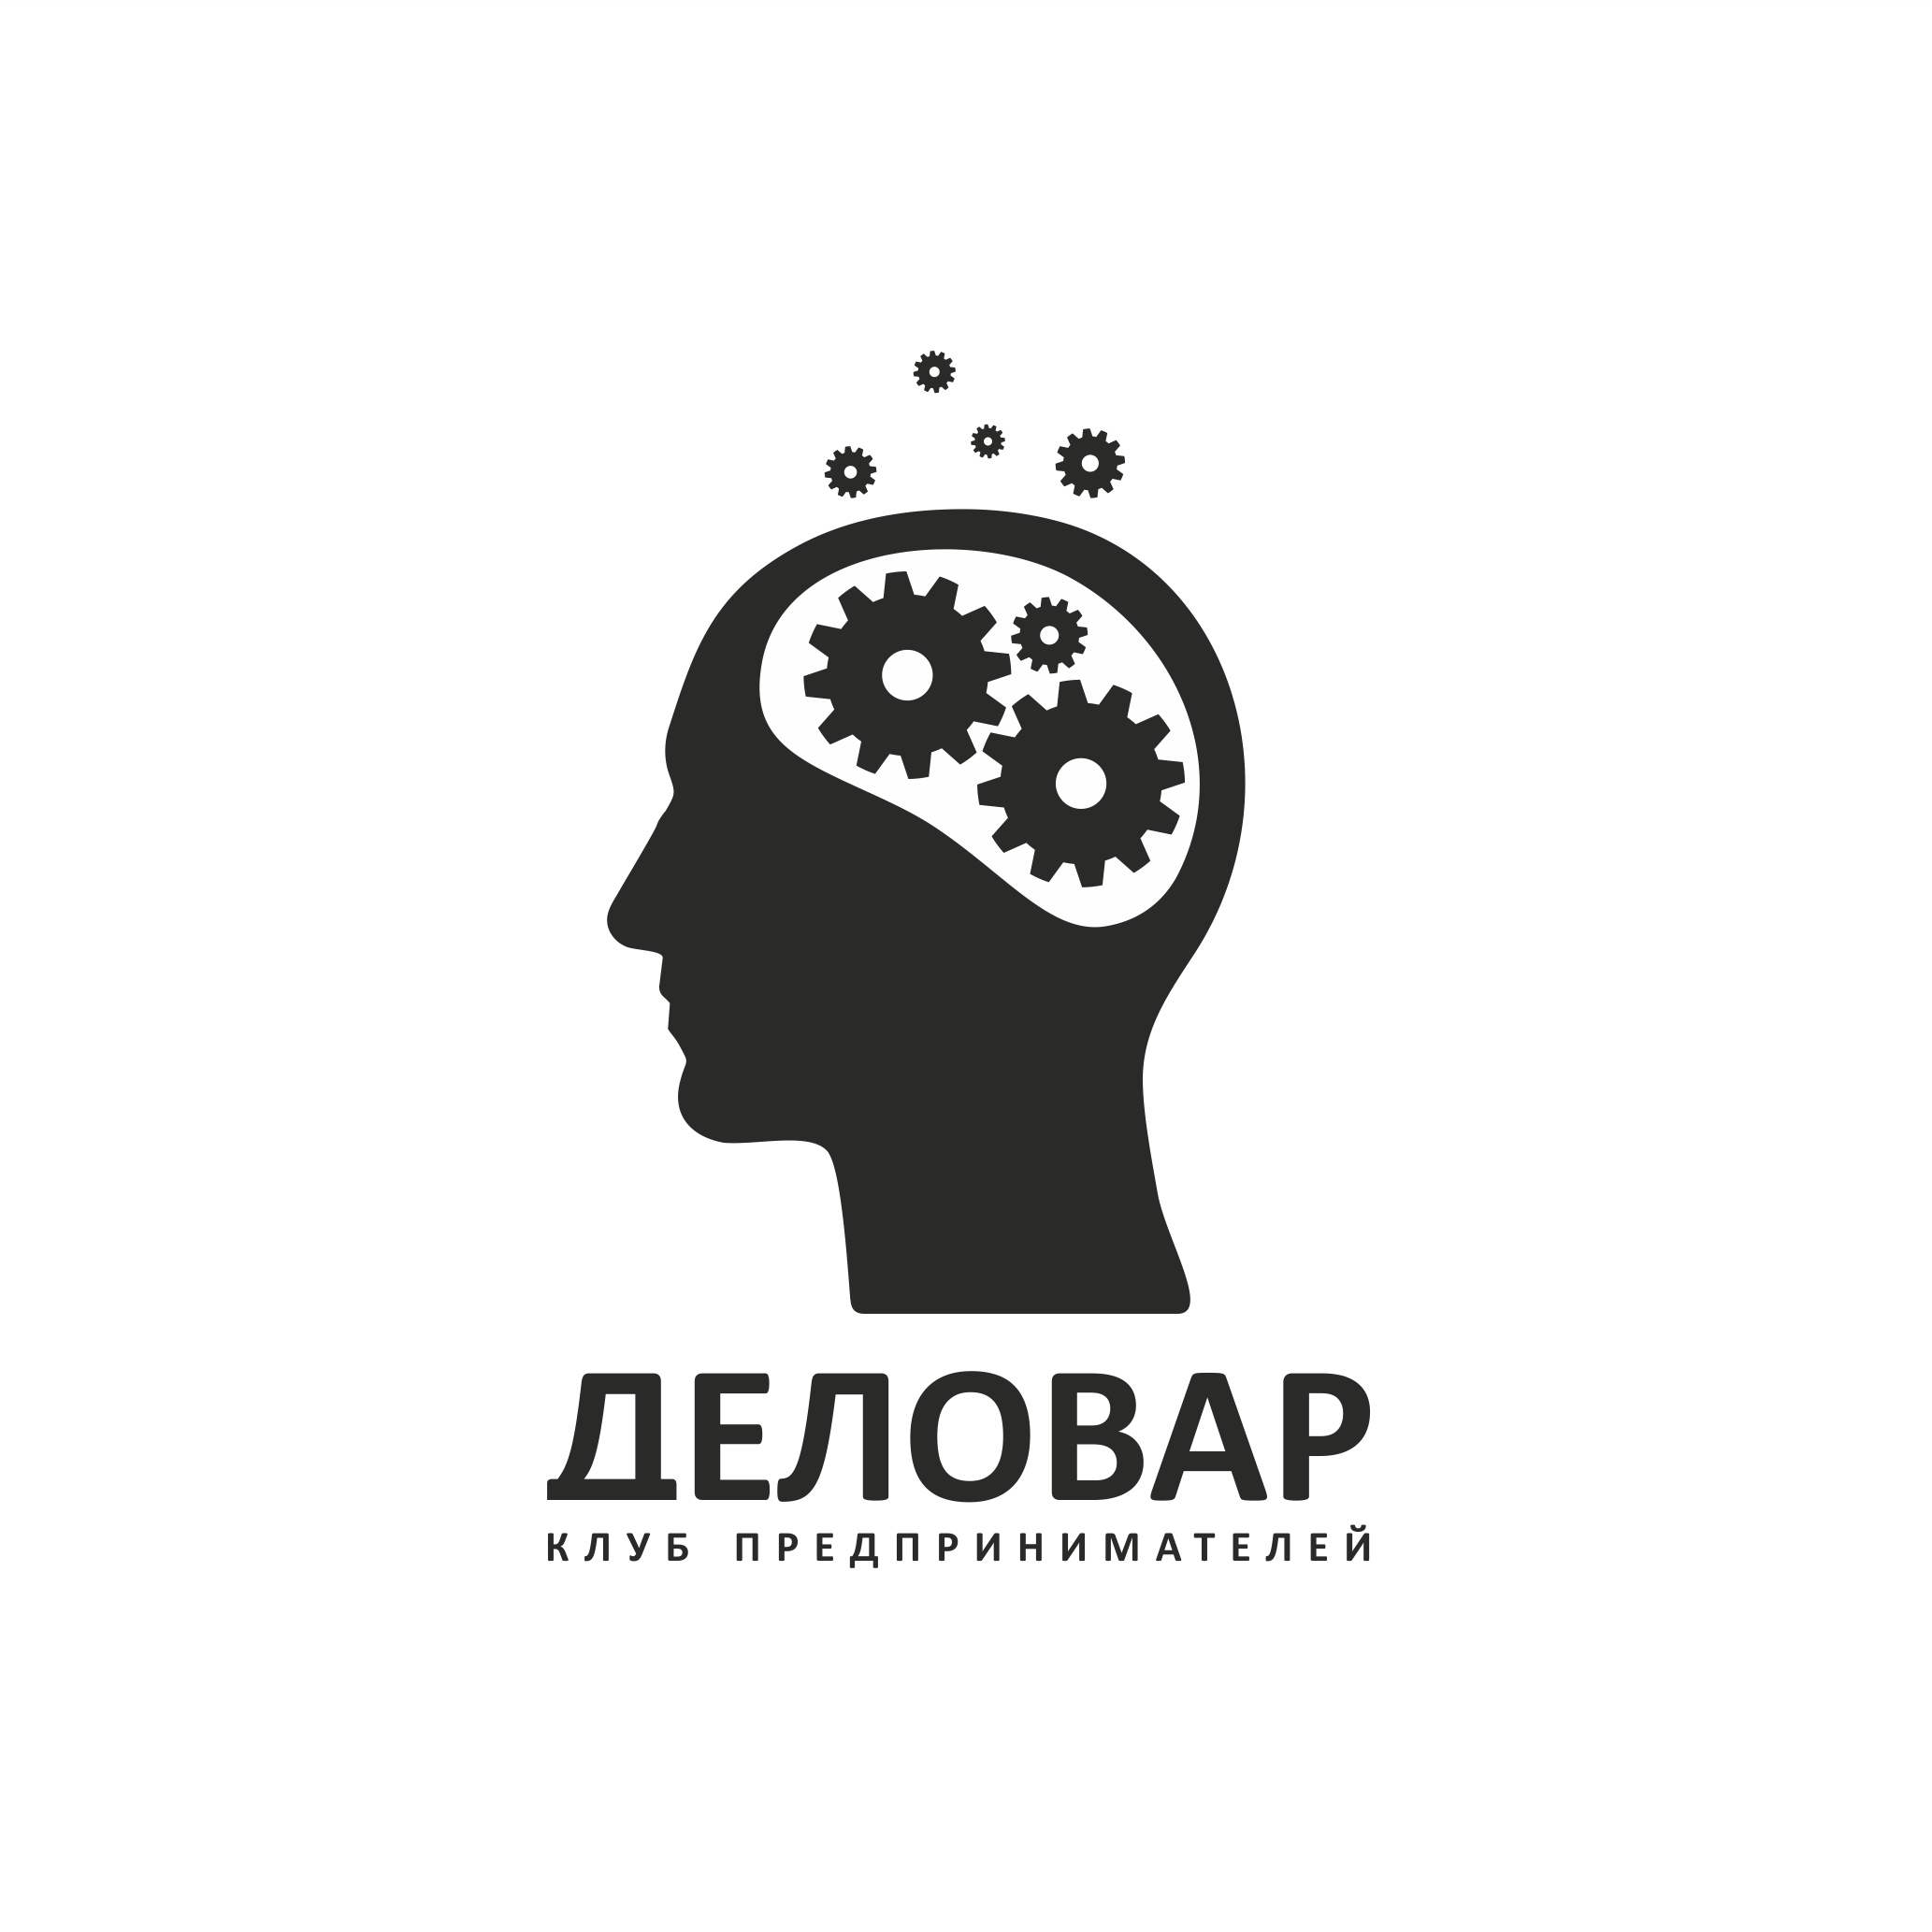 """Логотип и фирм. стиль для Клуба предпринимателей """"Деловар"""" фото f_5048a88dd254b.jpg"""